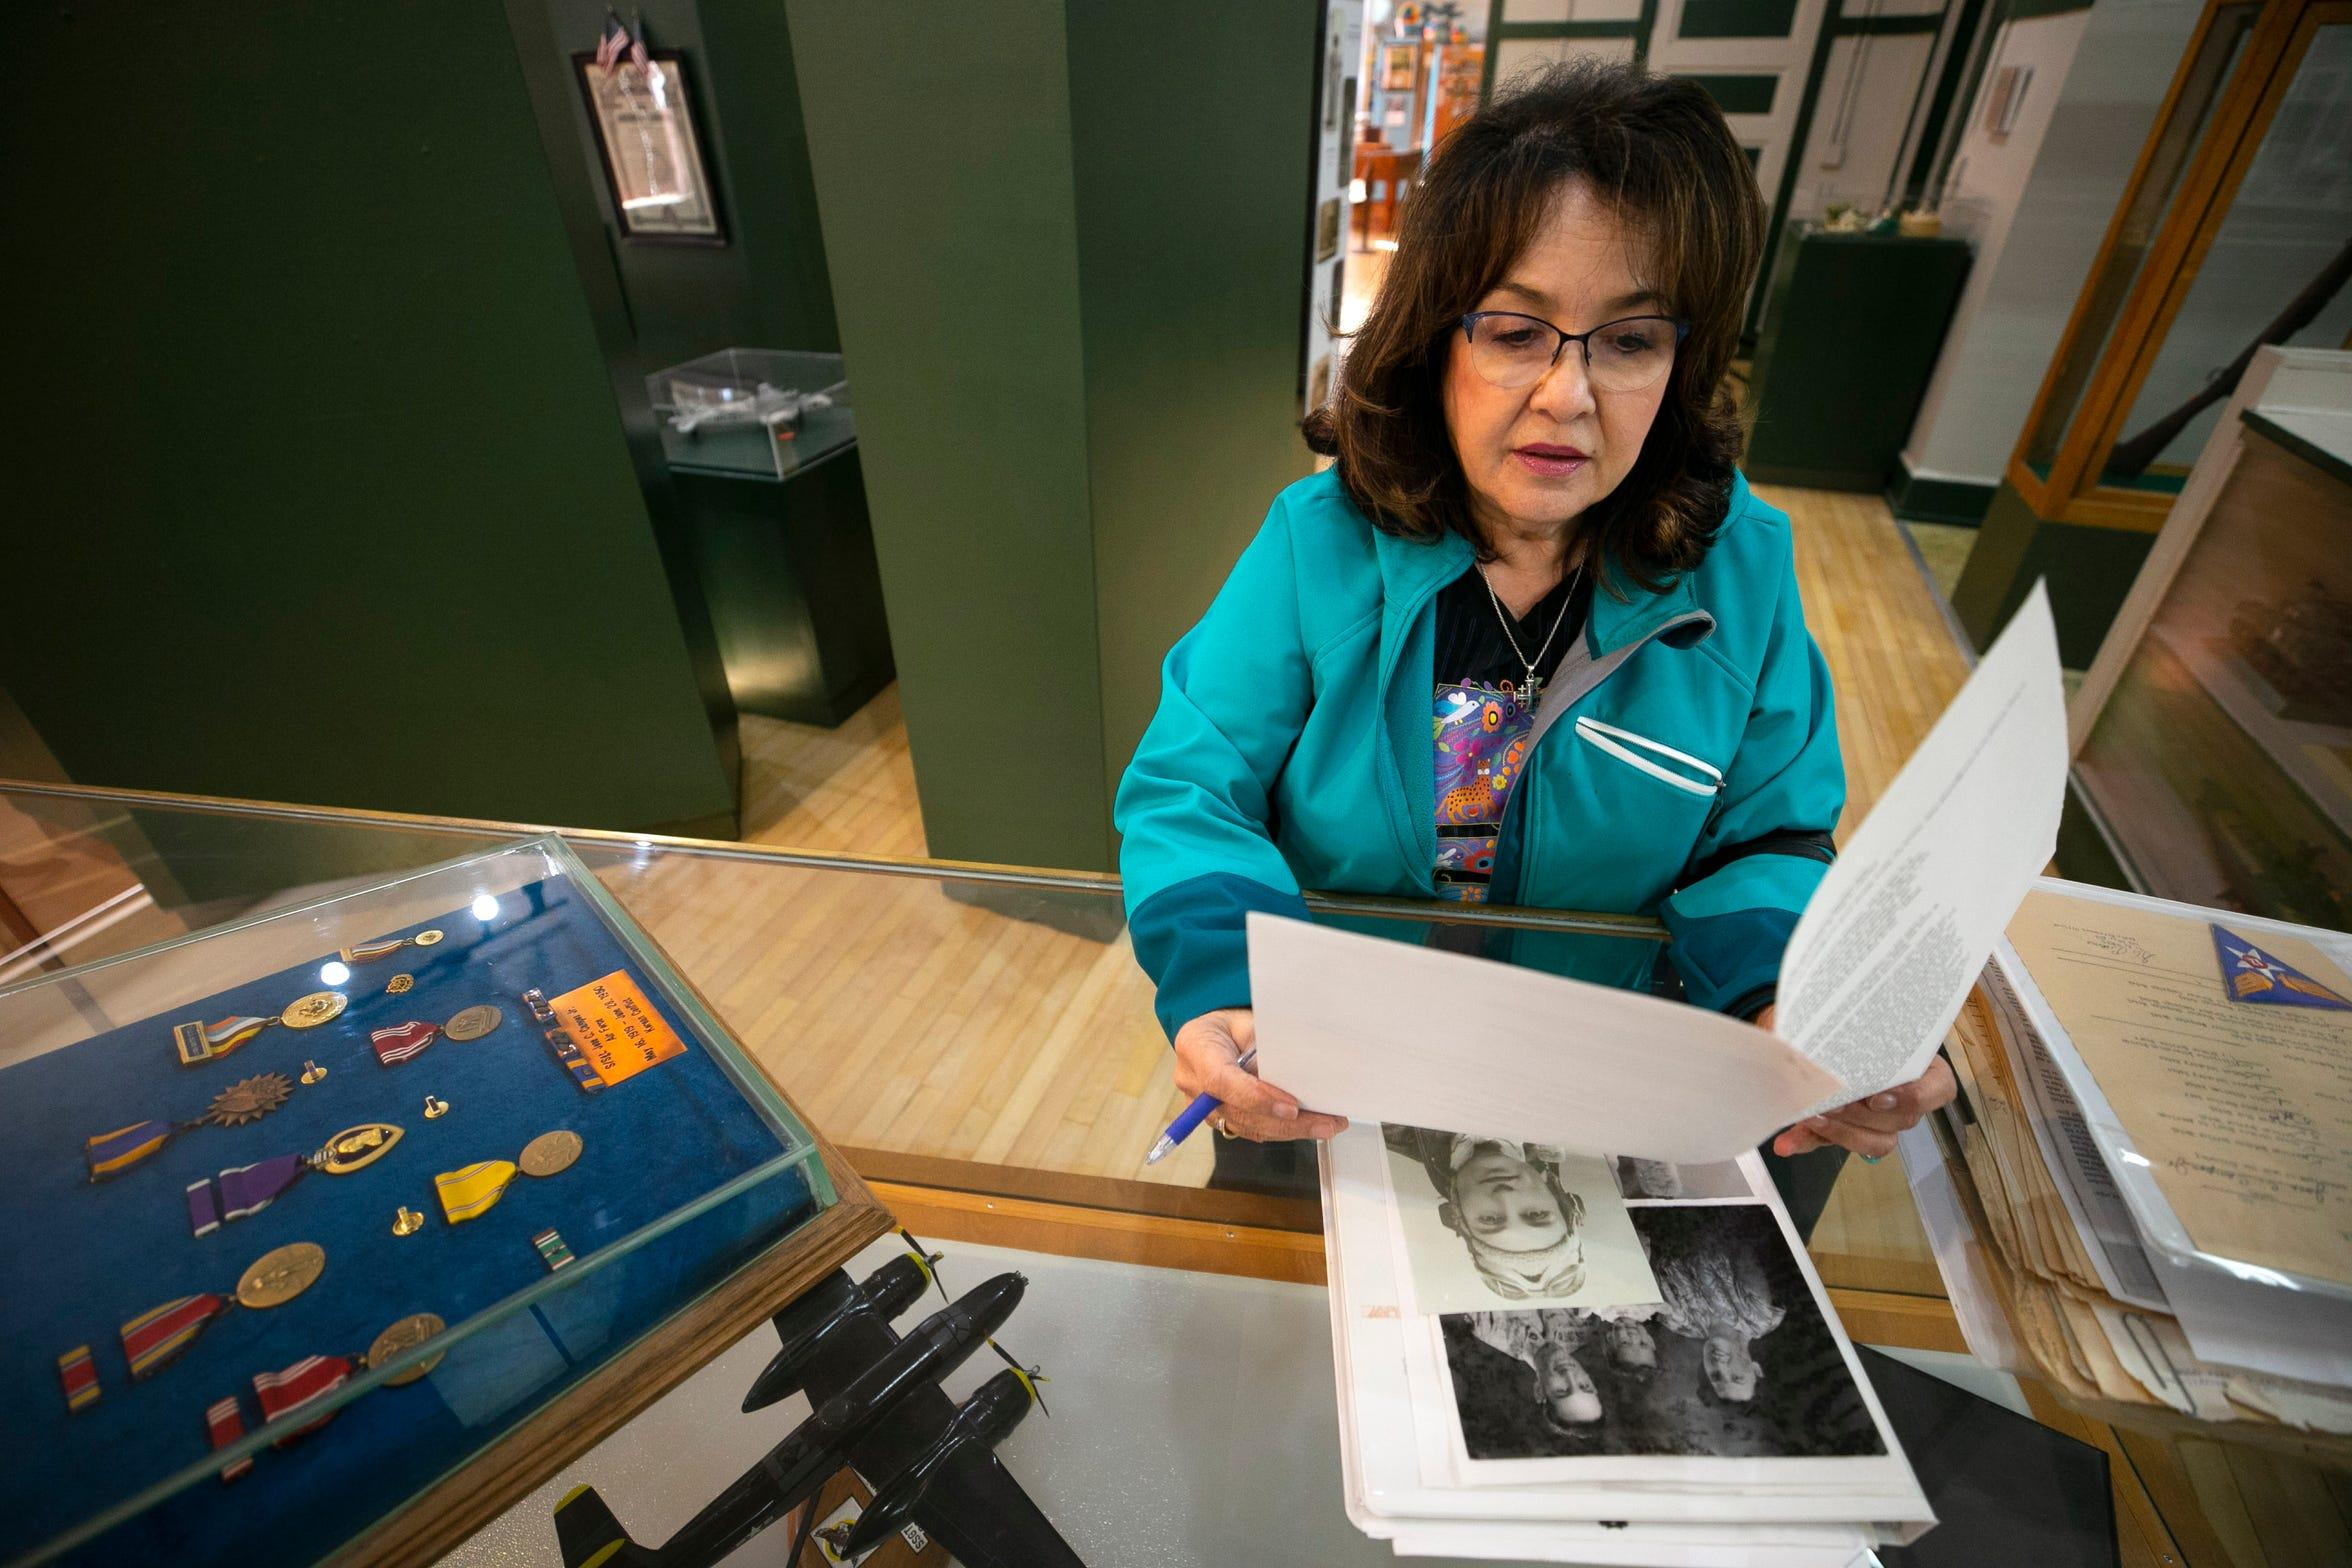 Jennie Campos muestra documentos, fotos y medallas militares de su padre Joe Campos.